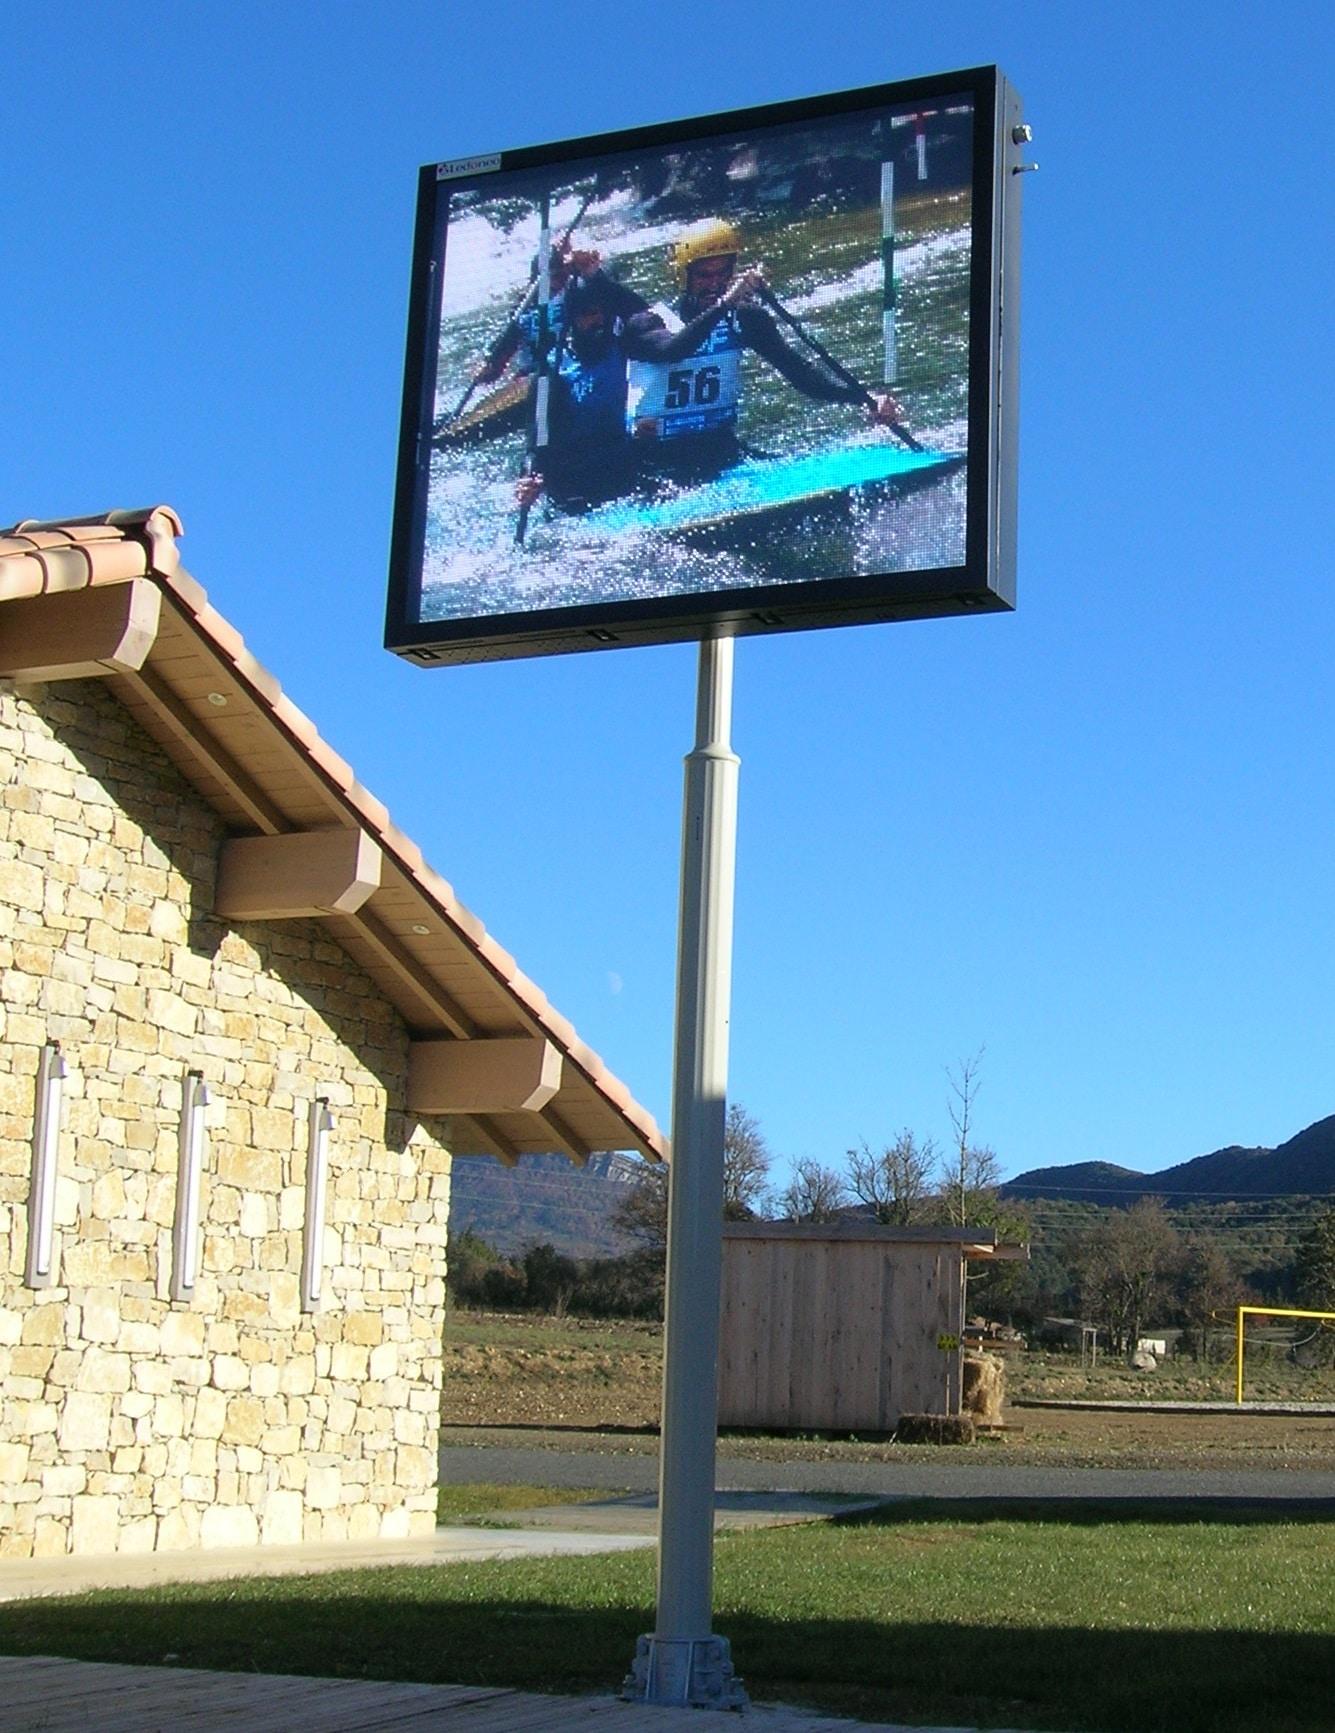 Panneau d'information ou borne électronique pour mairies et collectivités